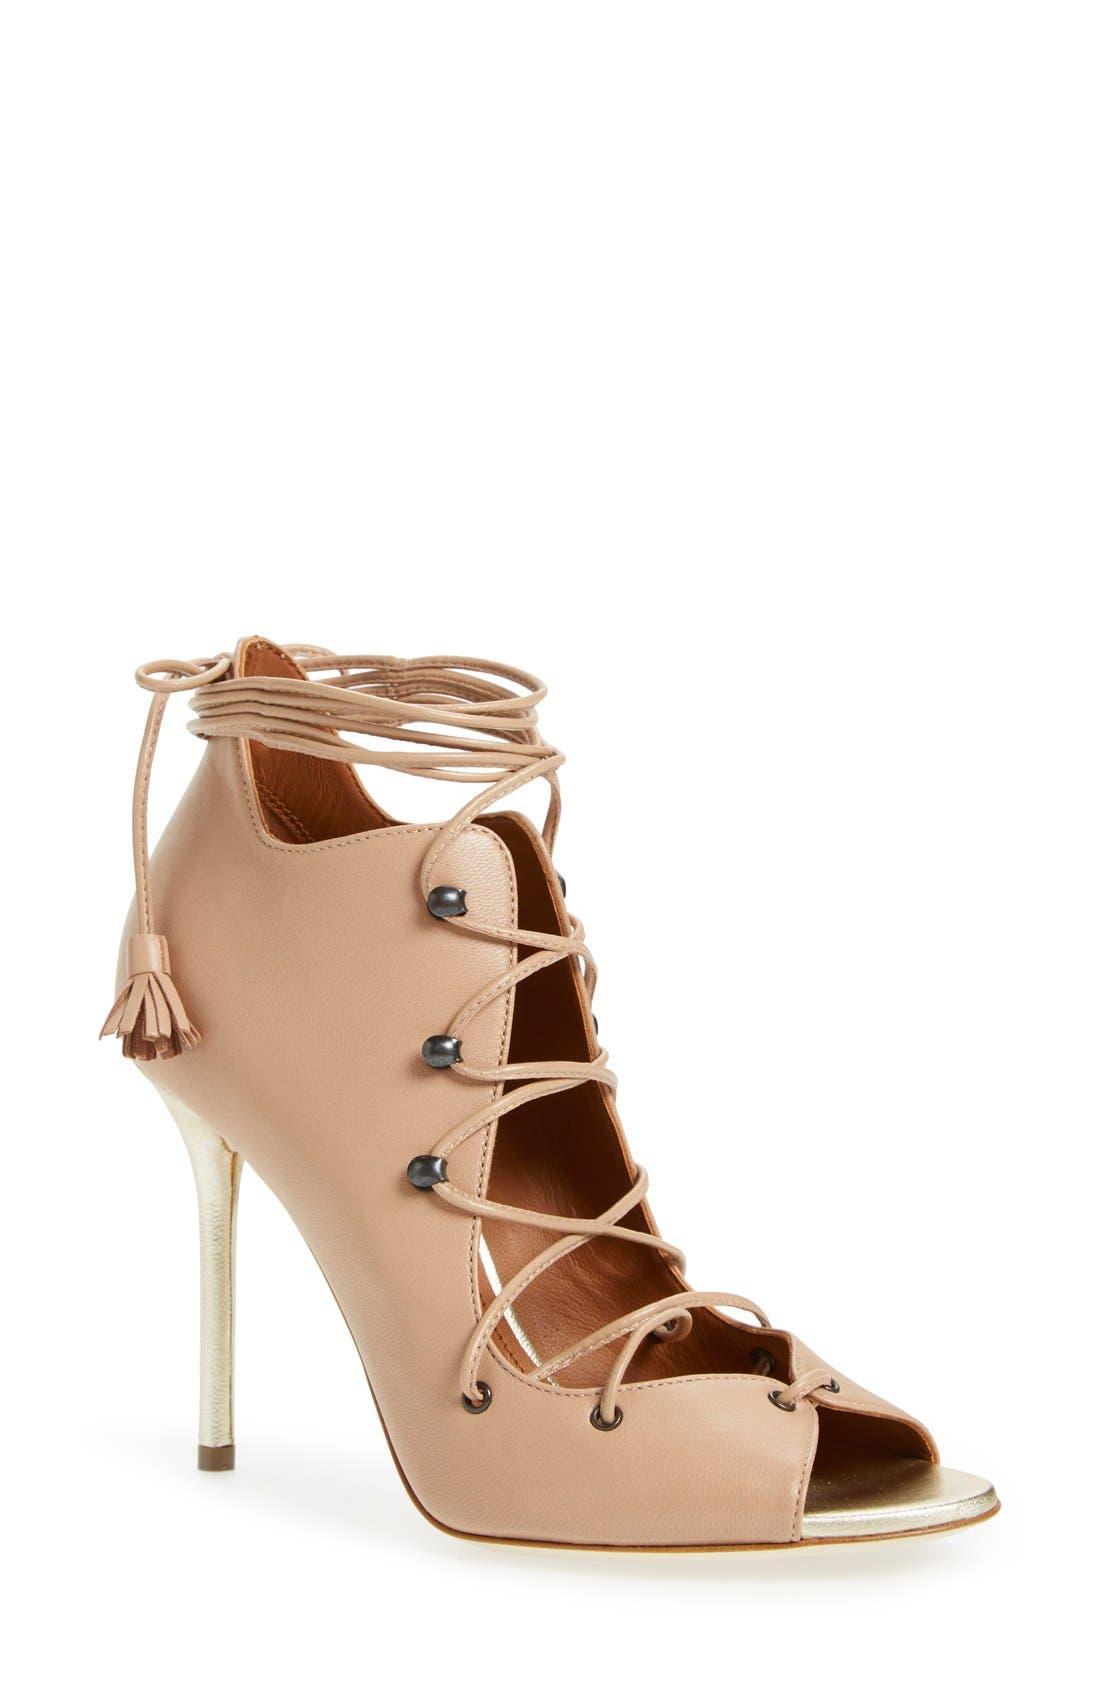 Main Image - Malone Souliers 'Savannah' Lace-Up Sandal (Women)